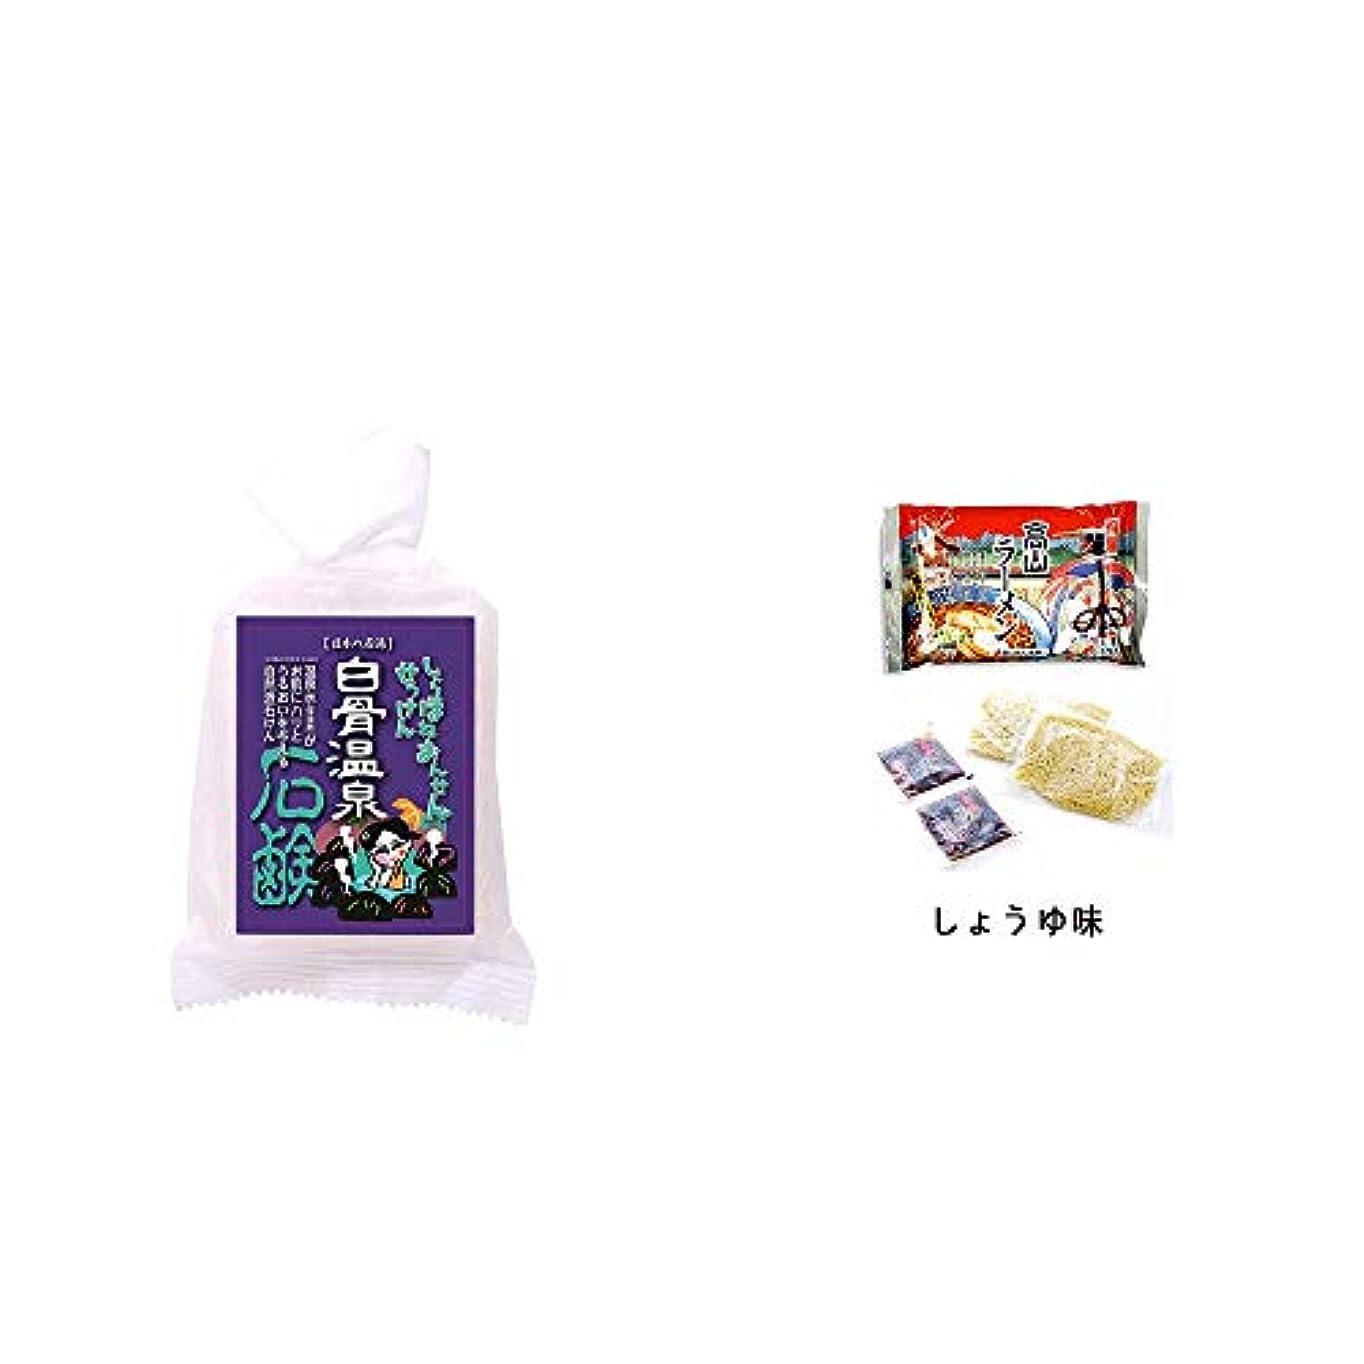 ロンドン縁肝[2点セット] 信州 白骨温泉石鹸(80g)?飛騨高山ラーメン[生麺?スープ付 (しょうゆ味)]